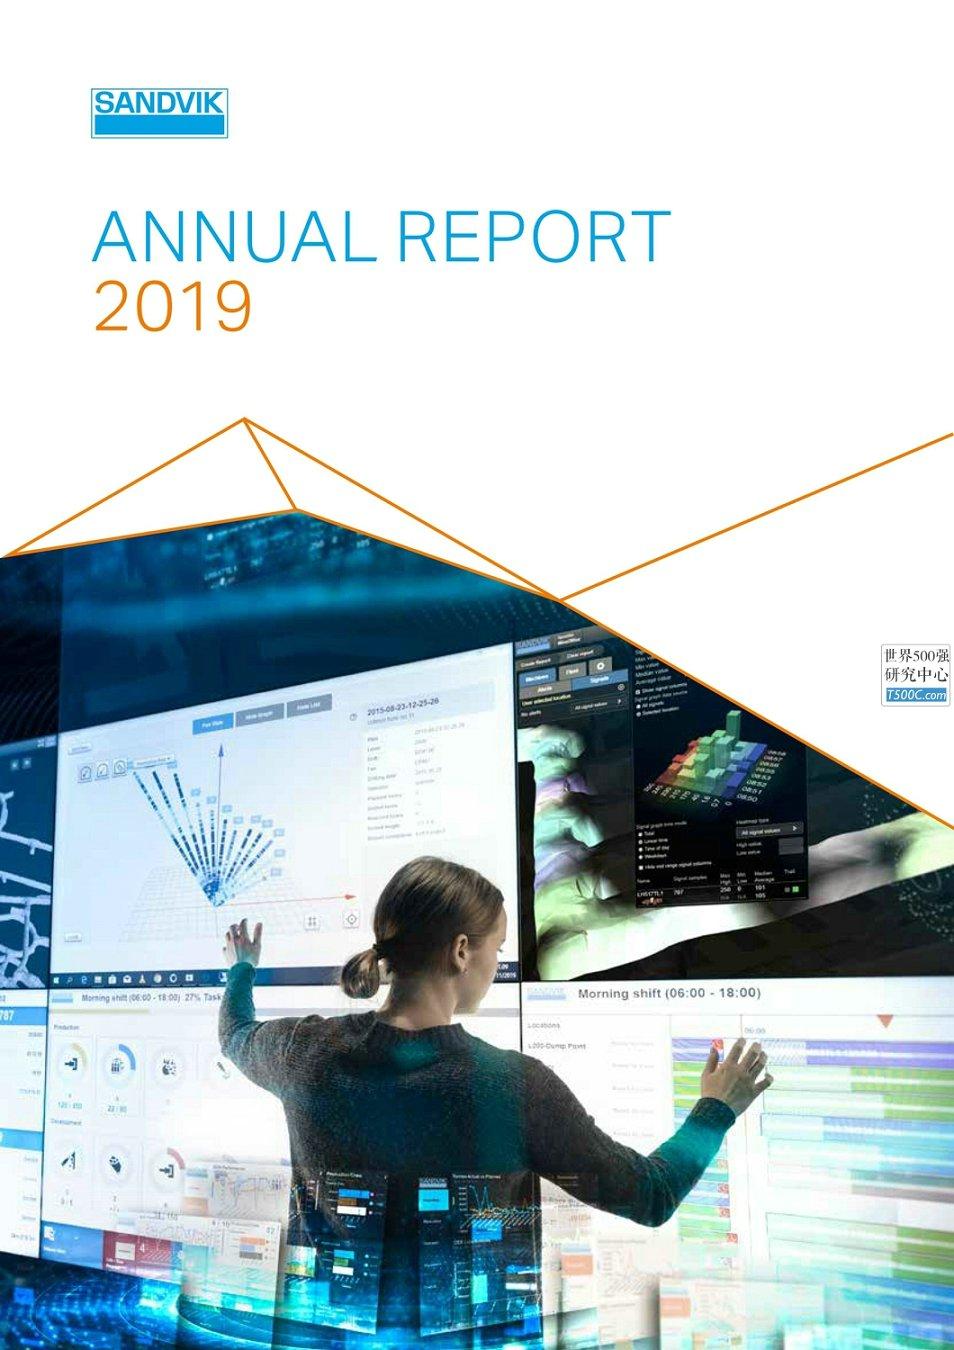 山特维克Sandvik_年报AnnualReport_2019_T500C.com